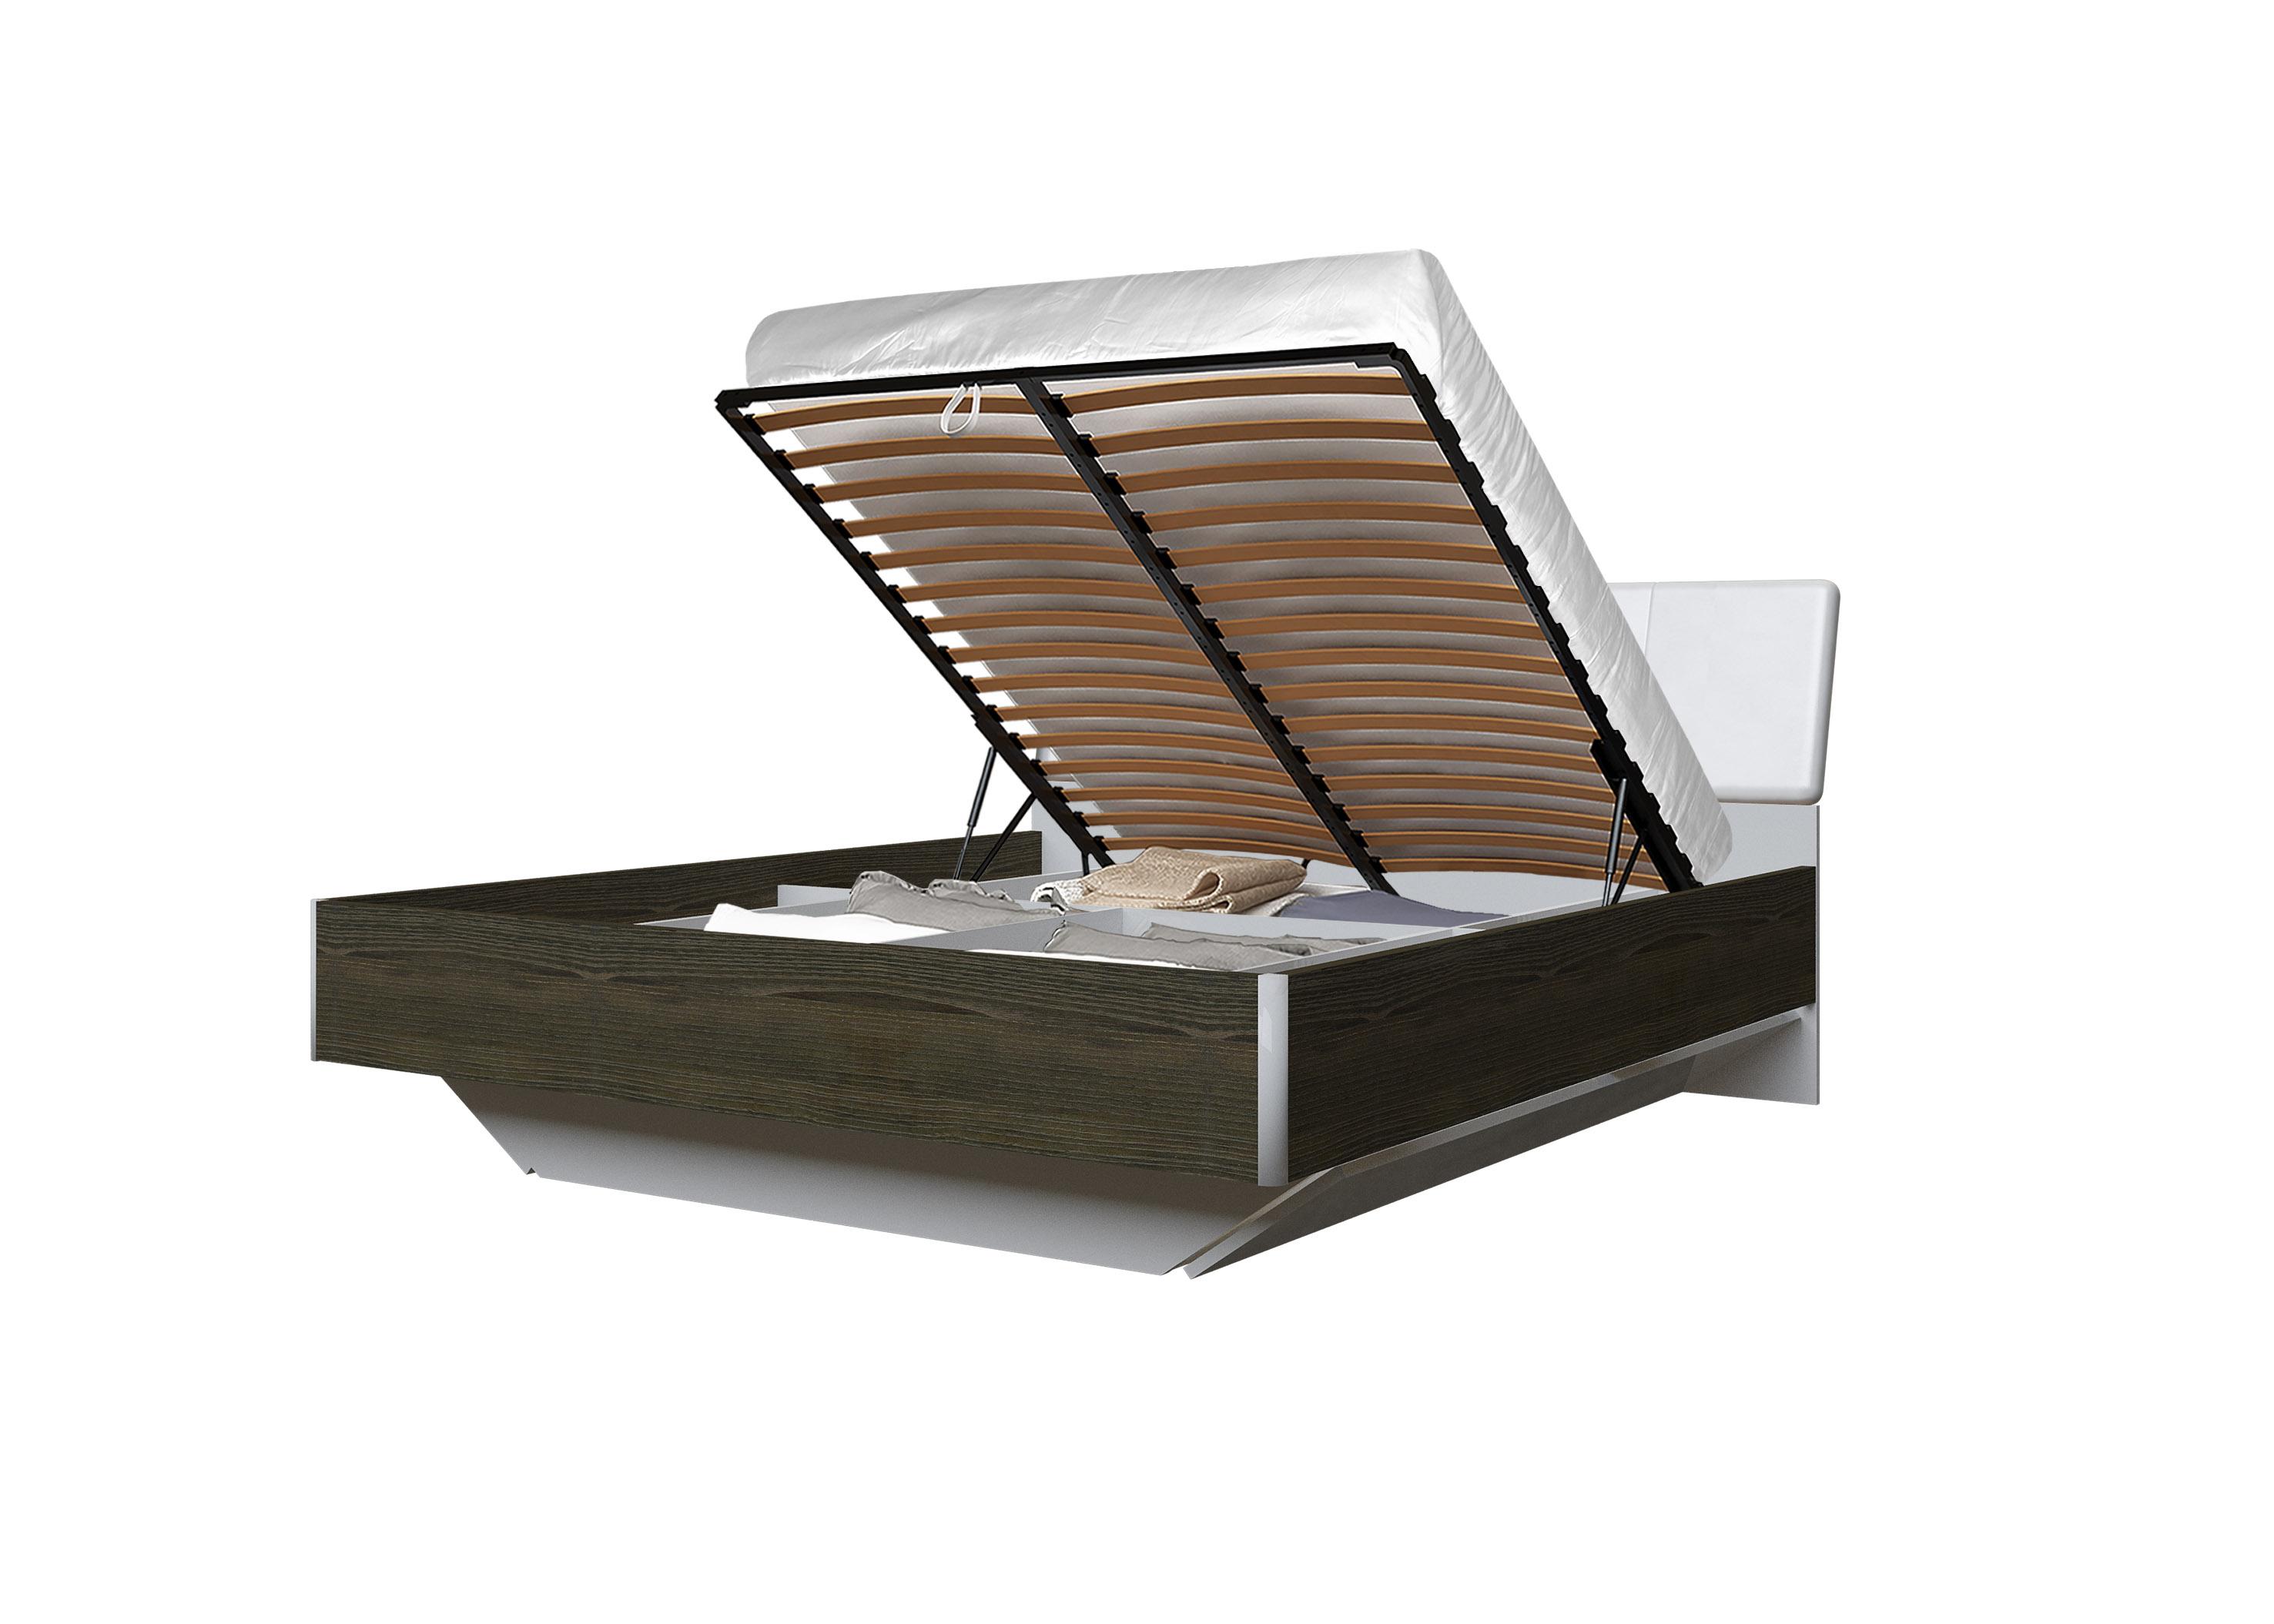 Doppelbett Toskana 180x200 in Dunkle Buche inkl. Bettkasten